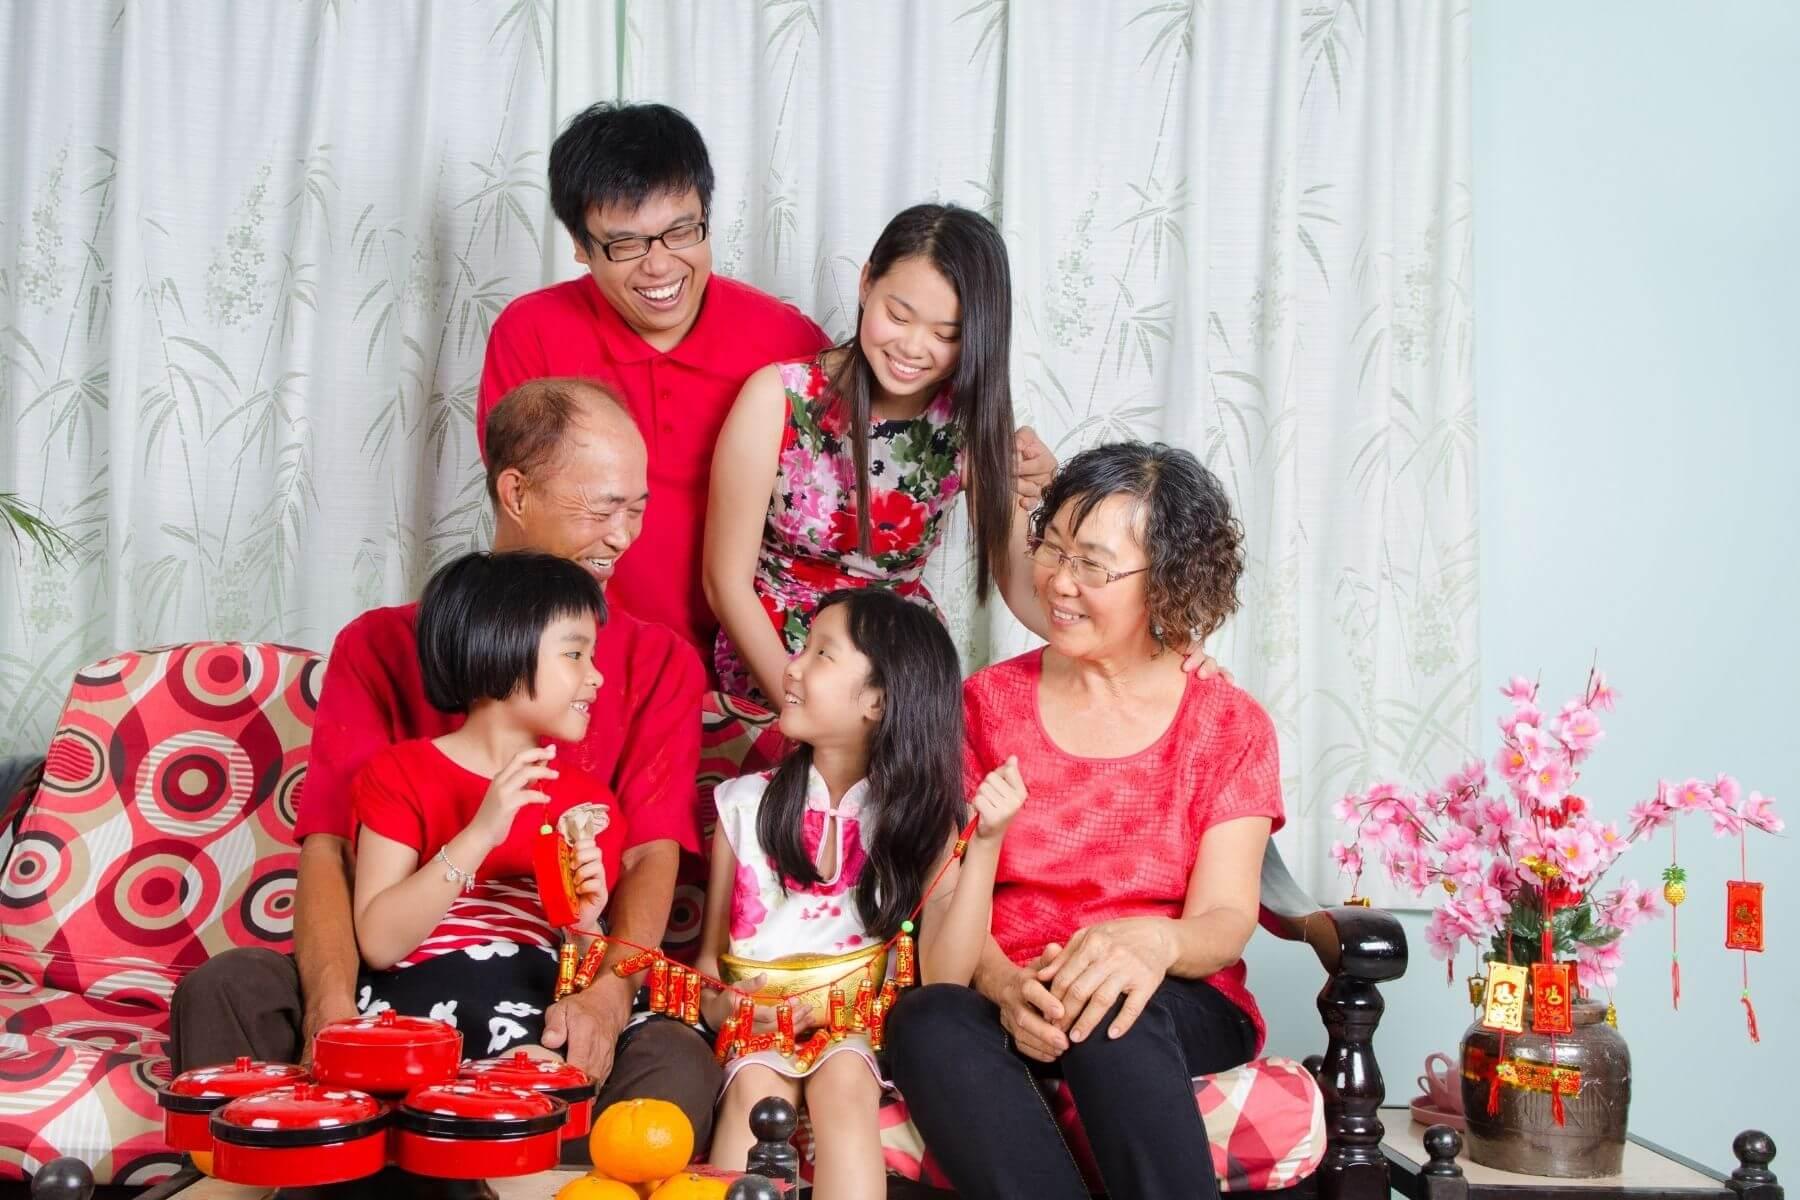 ข้อควรปฏิบัติในวันตรุษจีน และ ข้อห้ามในวันตรุษจีน 2564 ใส่เสื้อผ้าสีสด